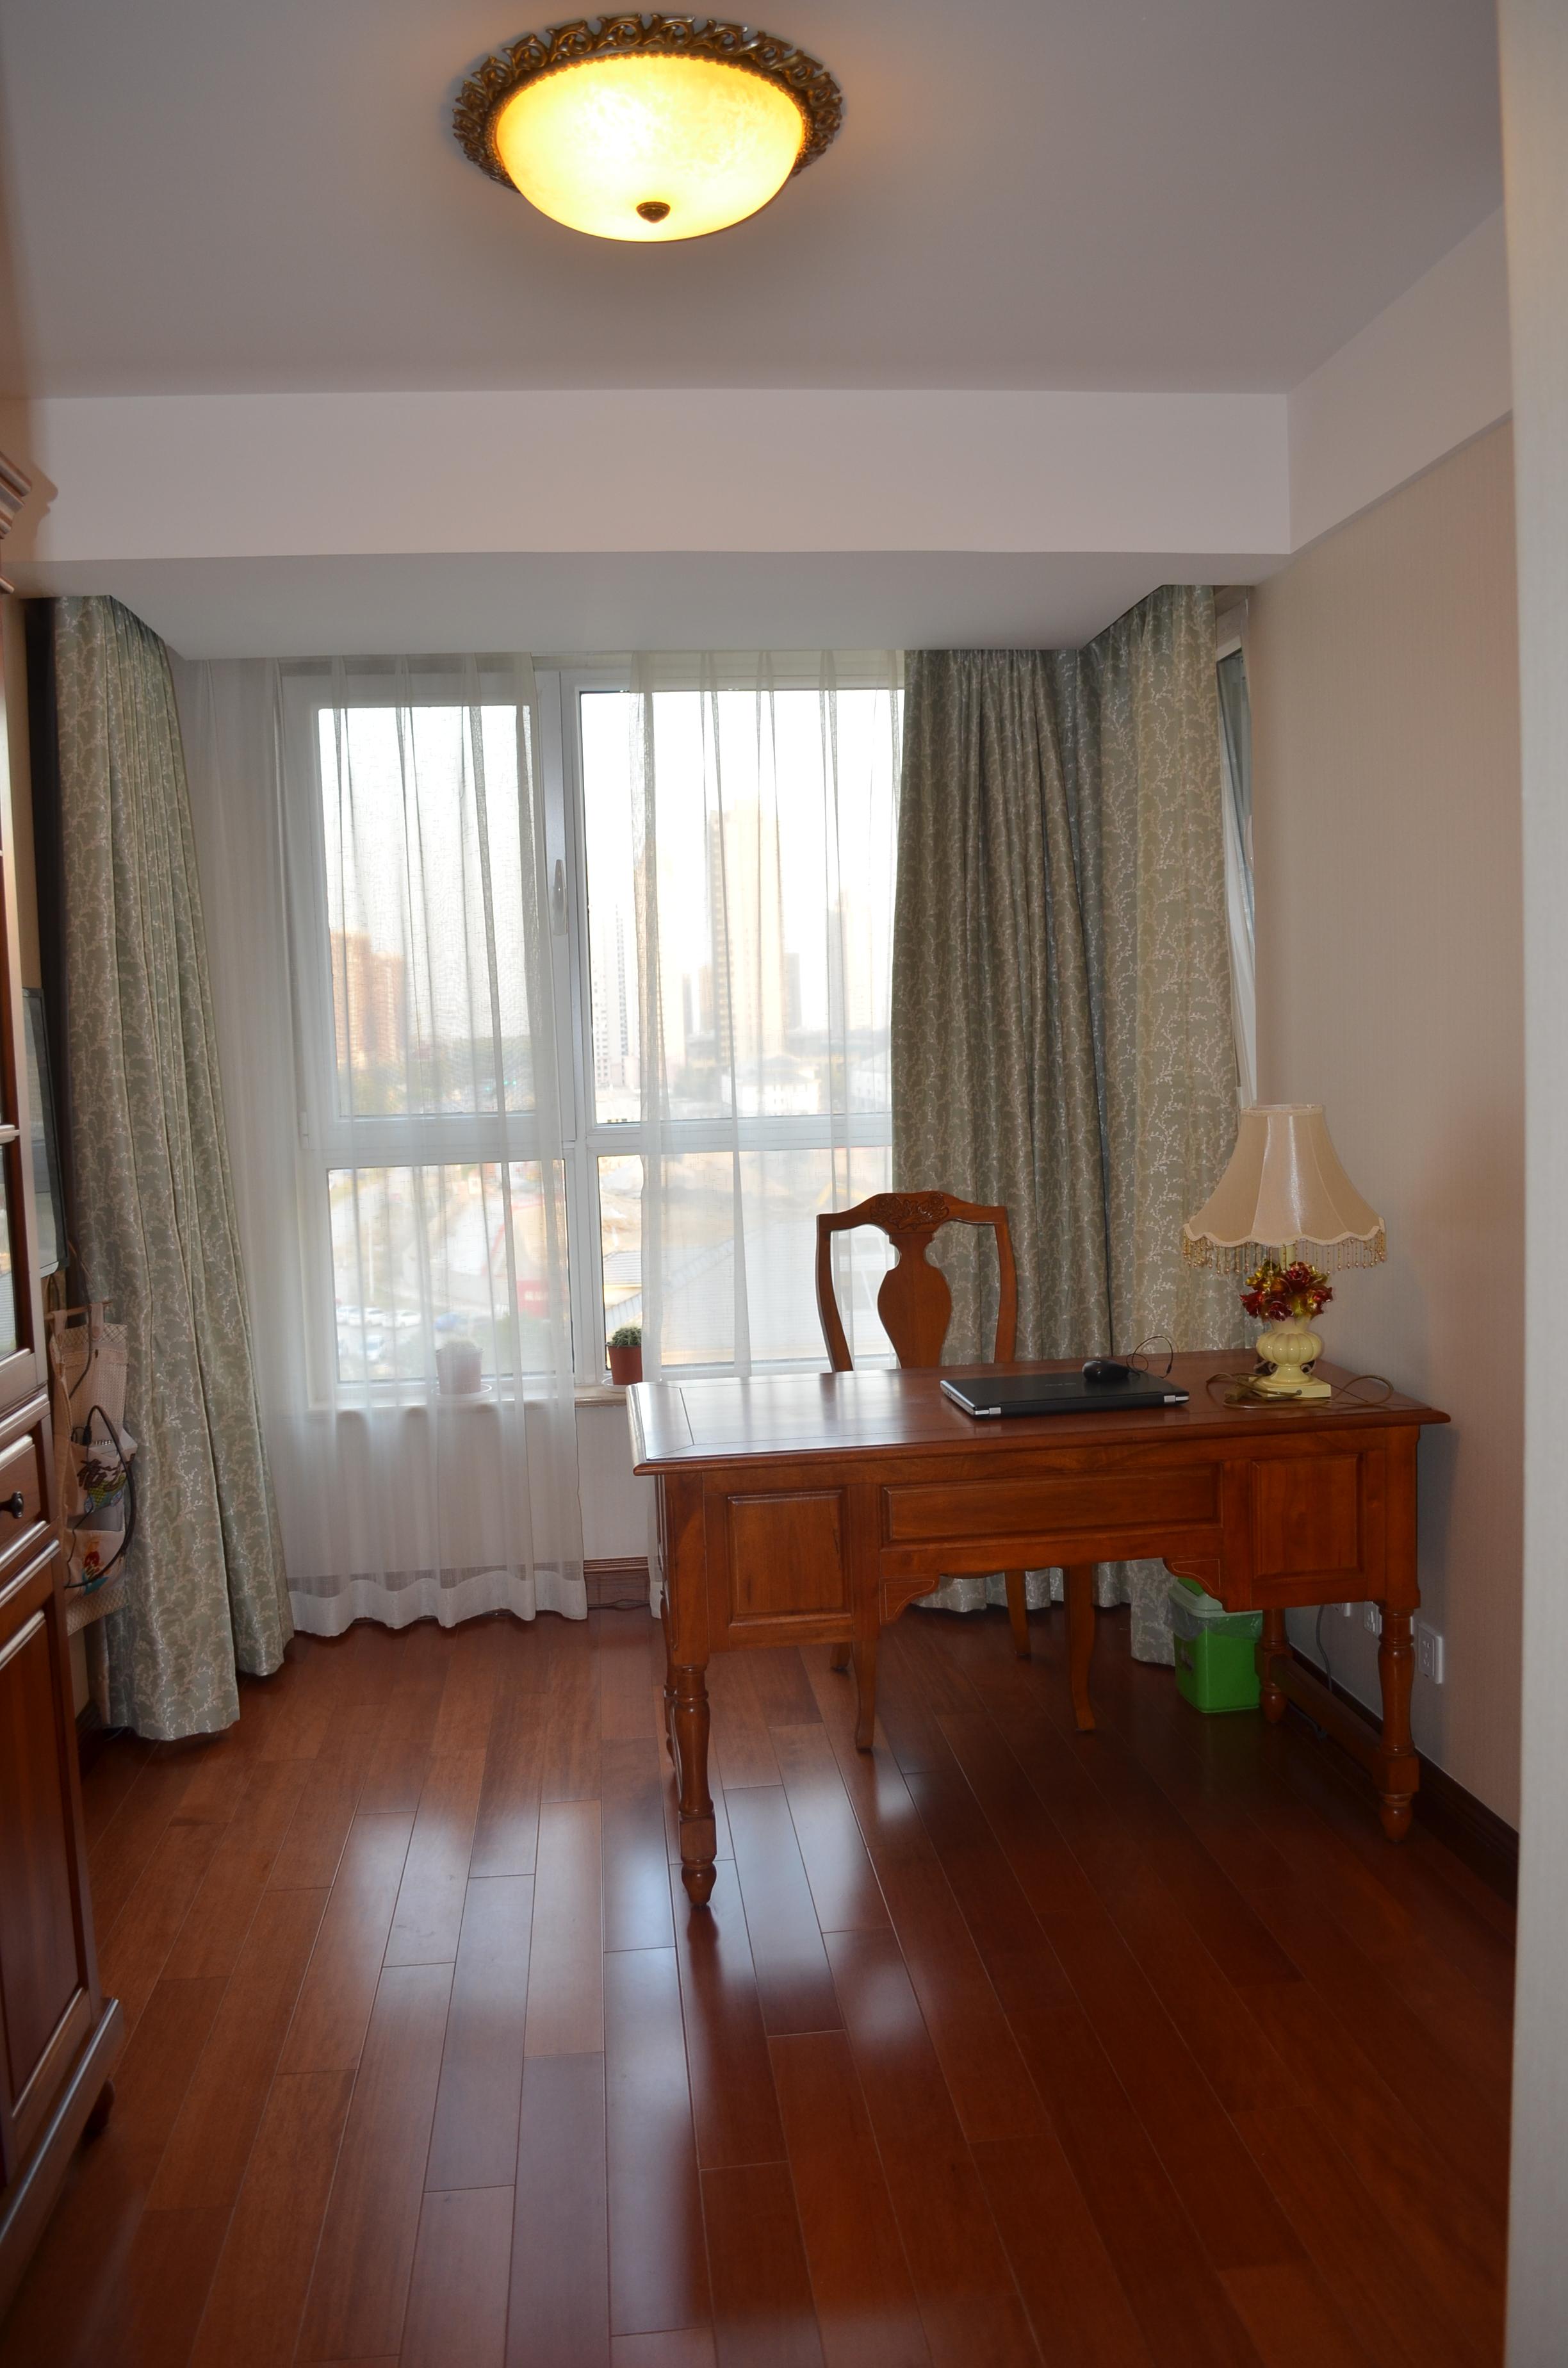 简约 混搭 高度国际 三居 别墅 白领 80后 白富美 高富帅 书房图片来自北京高度国际装饰设计在时尚潮流,让您的家与众不同的分享